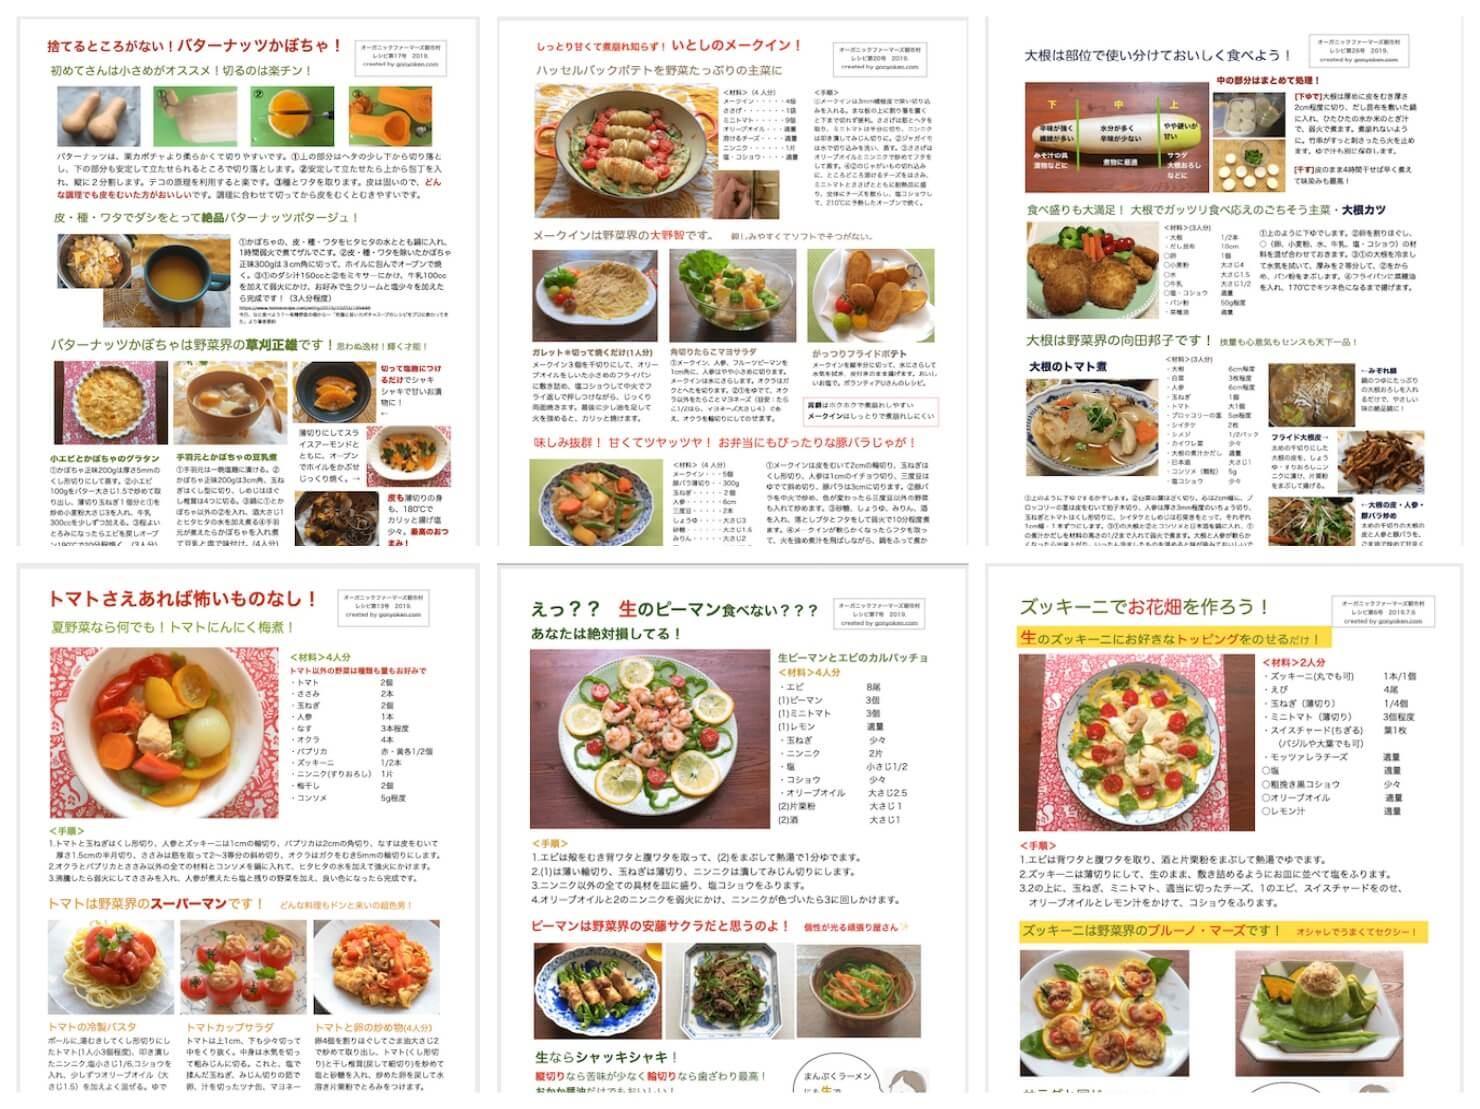 オーガニック・ファーマーズ朝市村レシピの写真